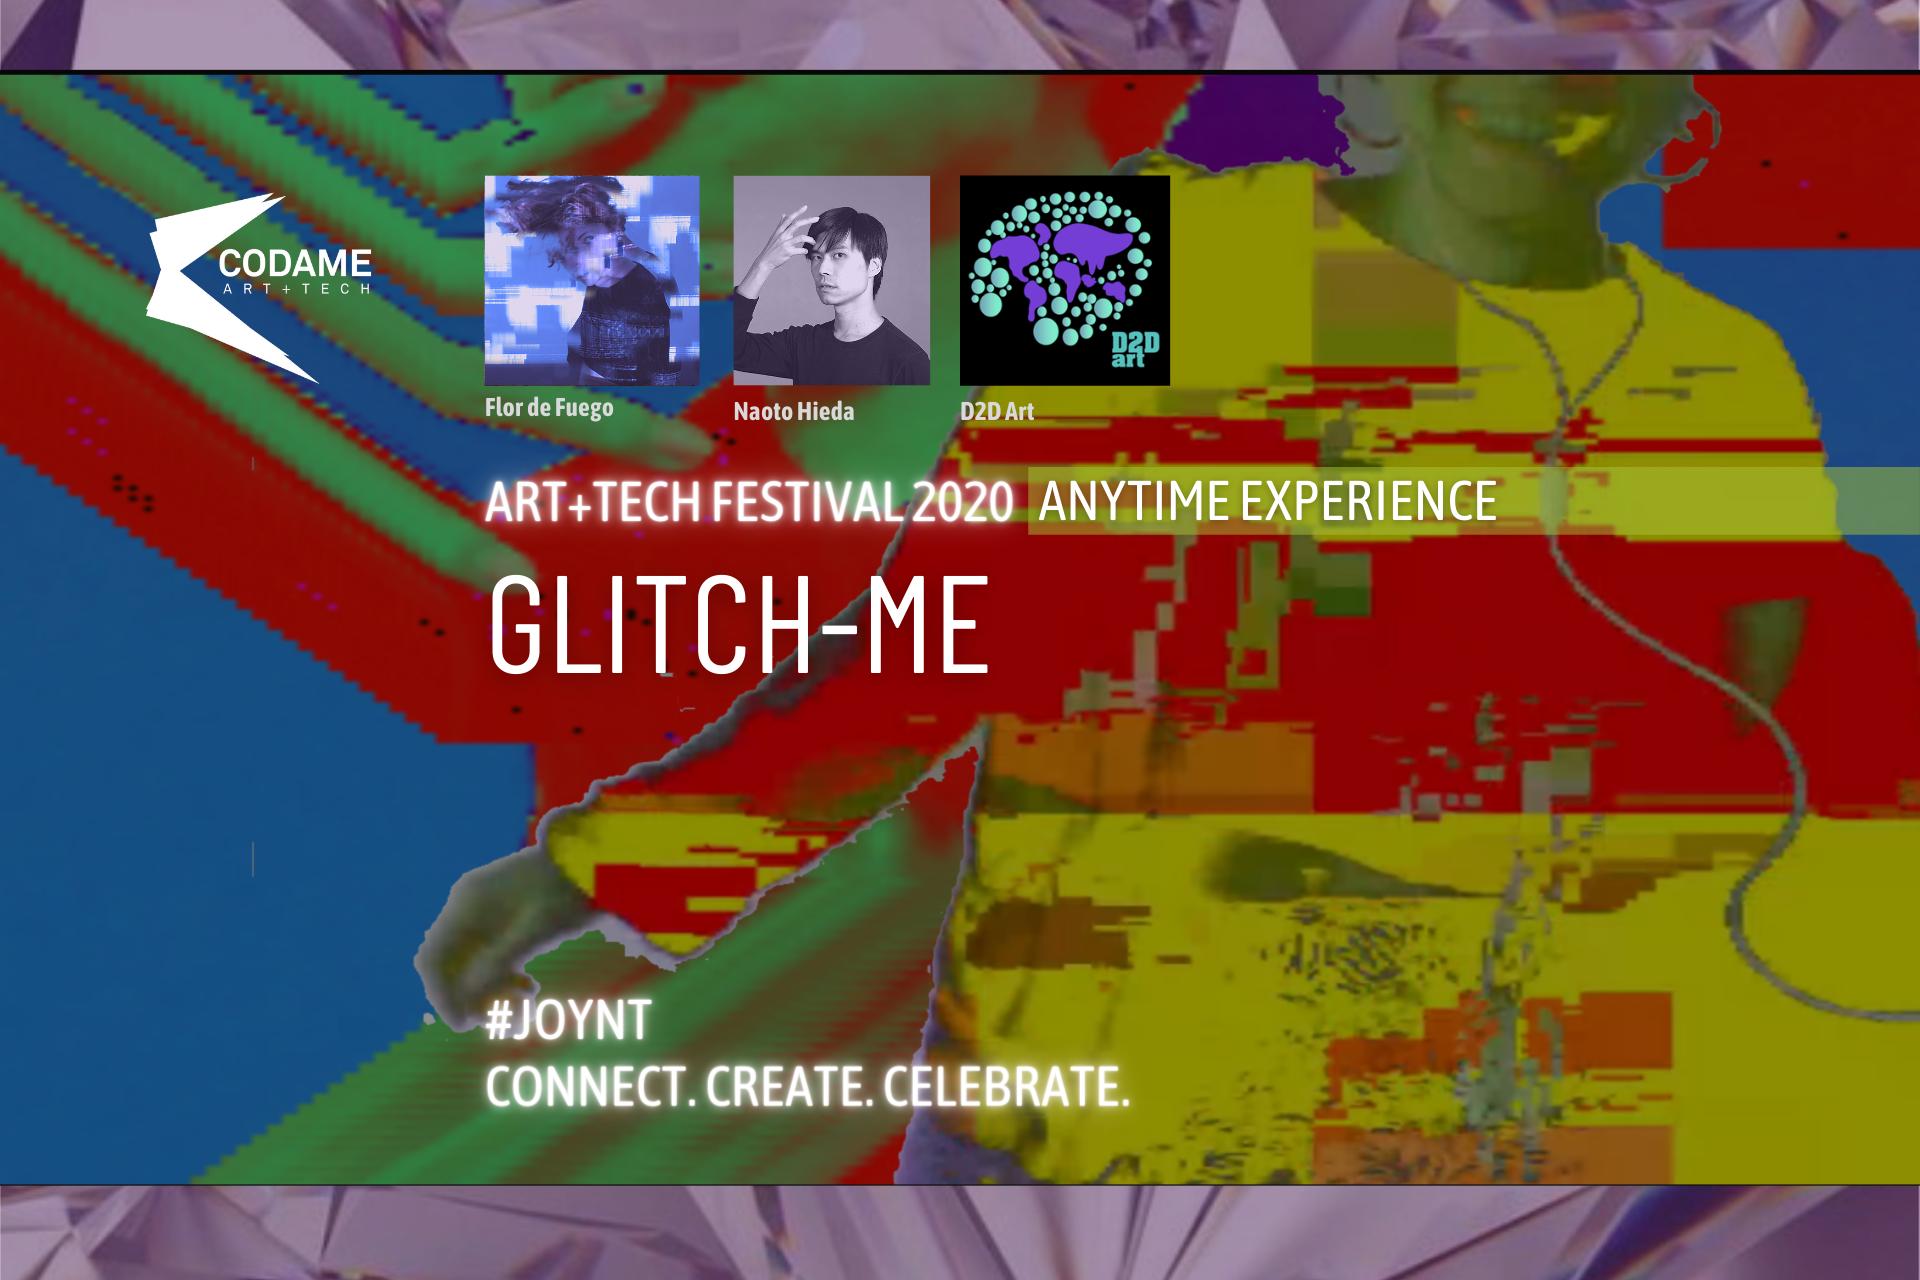 Glitch-me